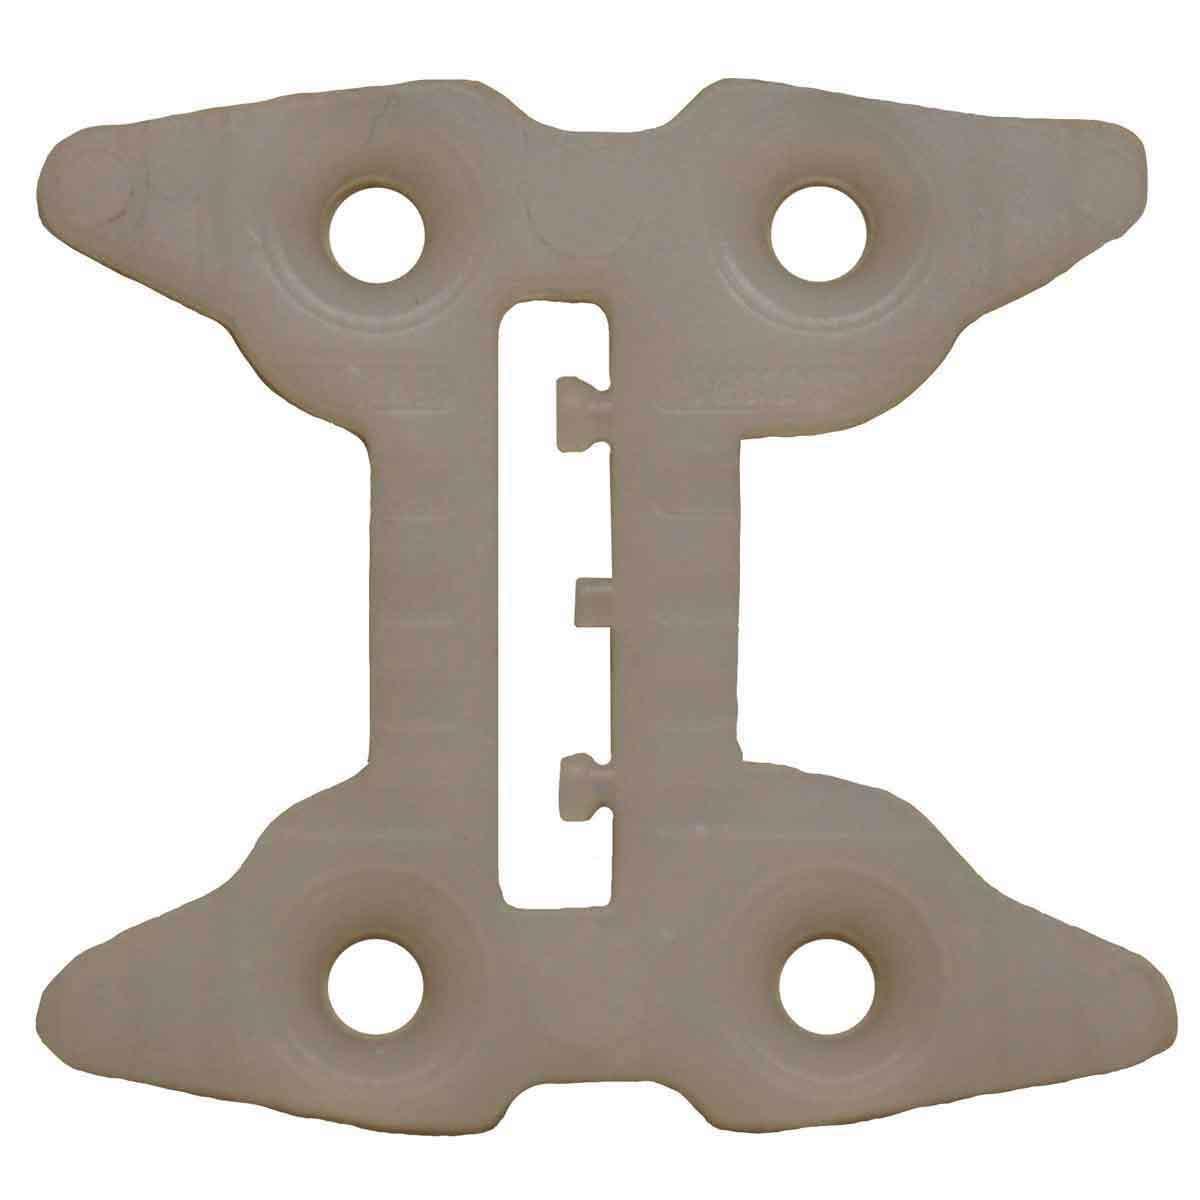 MLT tile leveling system straps